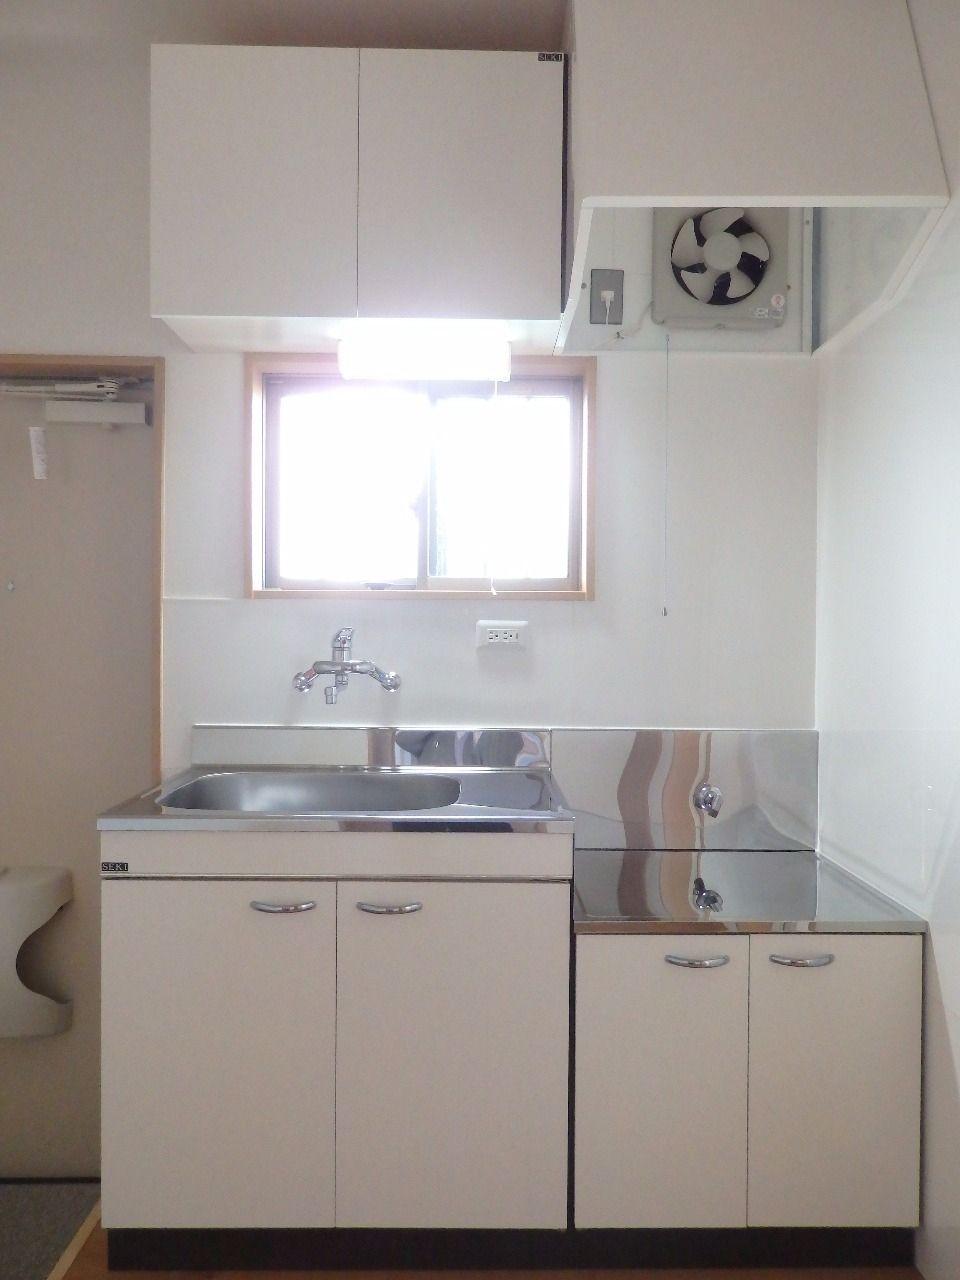 キッチン前にも窓があるので明るいところで料理ができます。